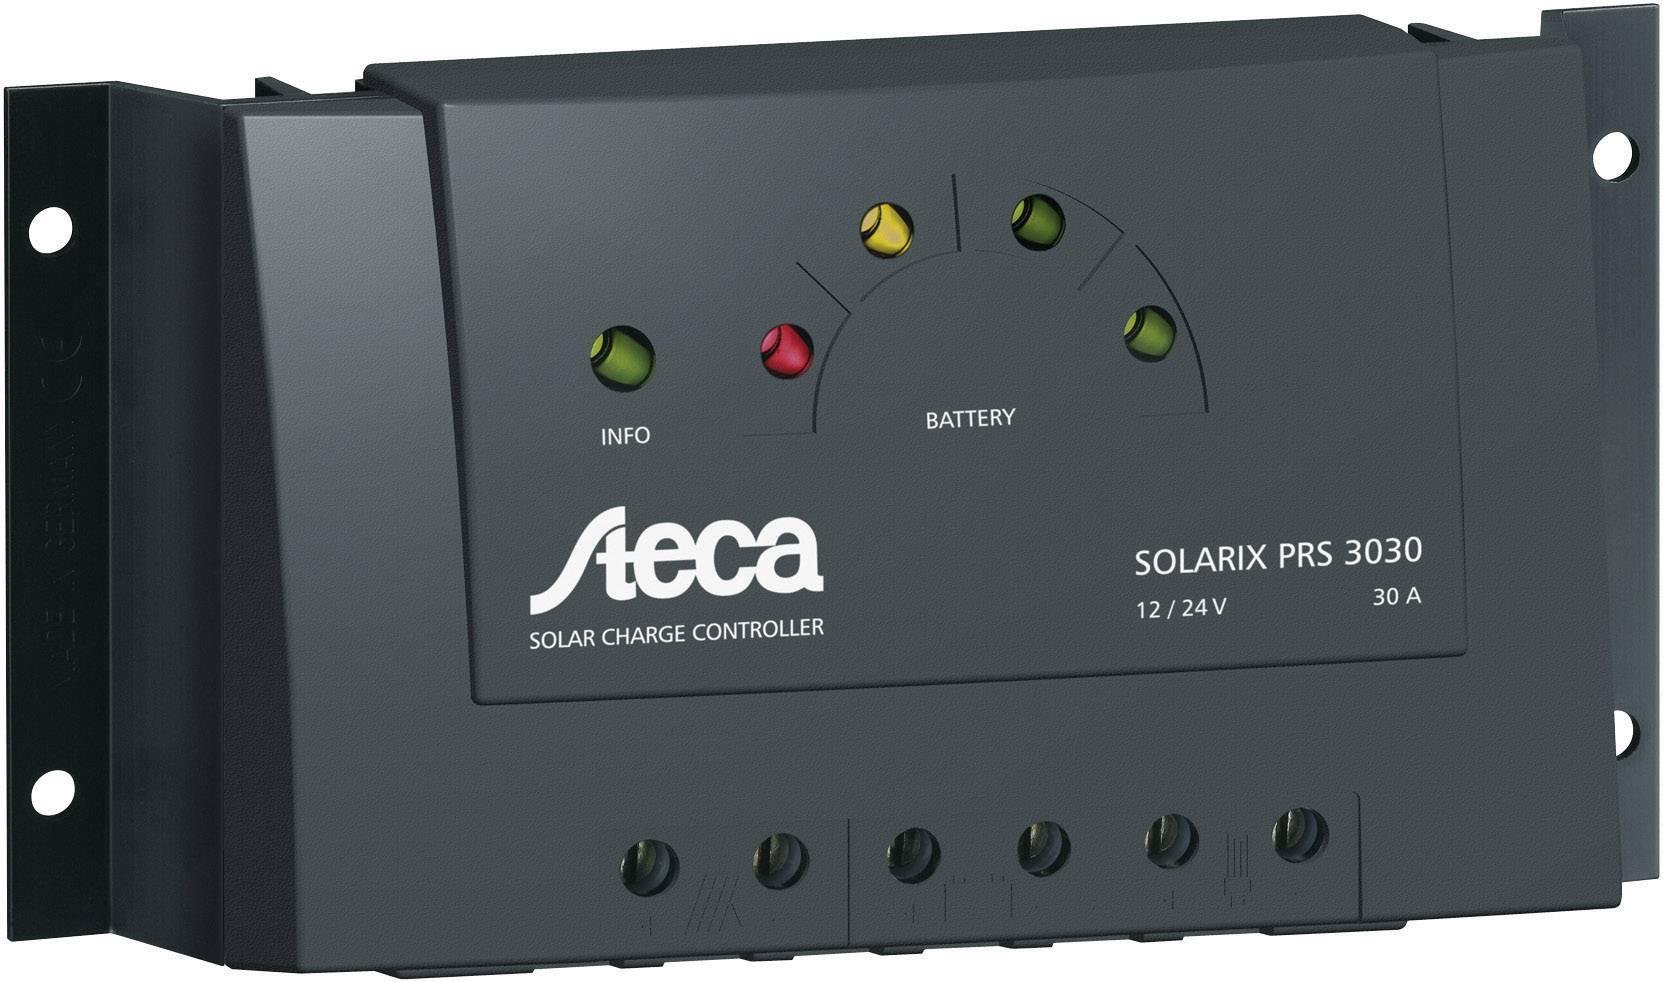 Solárny regulátor nabíjania Steca Solarix PRS 3030 101478, 30 A, 12 V, 24 V